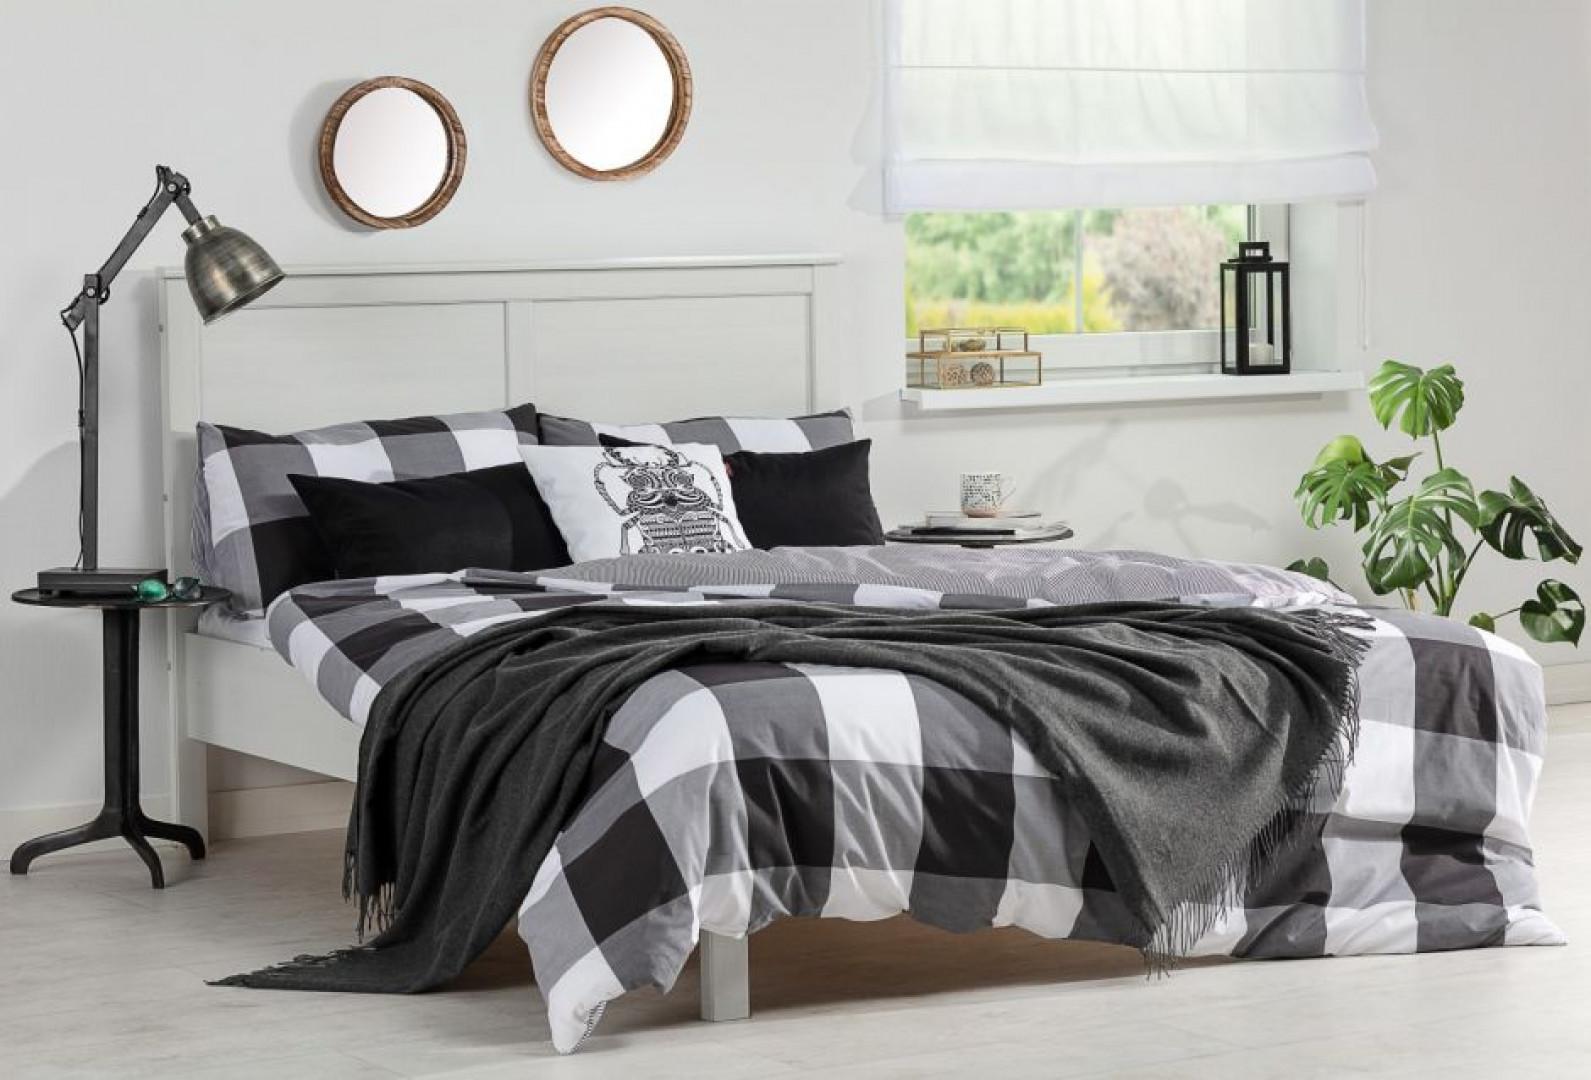 Pościel dobrana kolorystycznie do ramy łóżka podkreśli styl pomieszczenia. Fot. Dekoria.pl